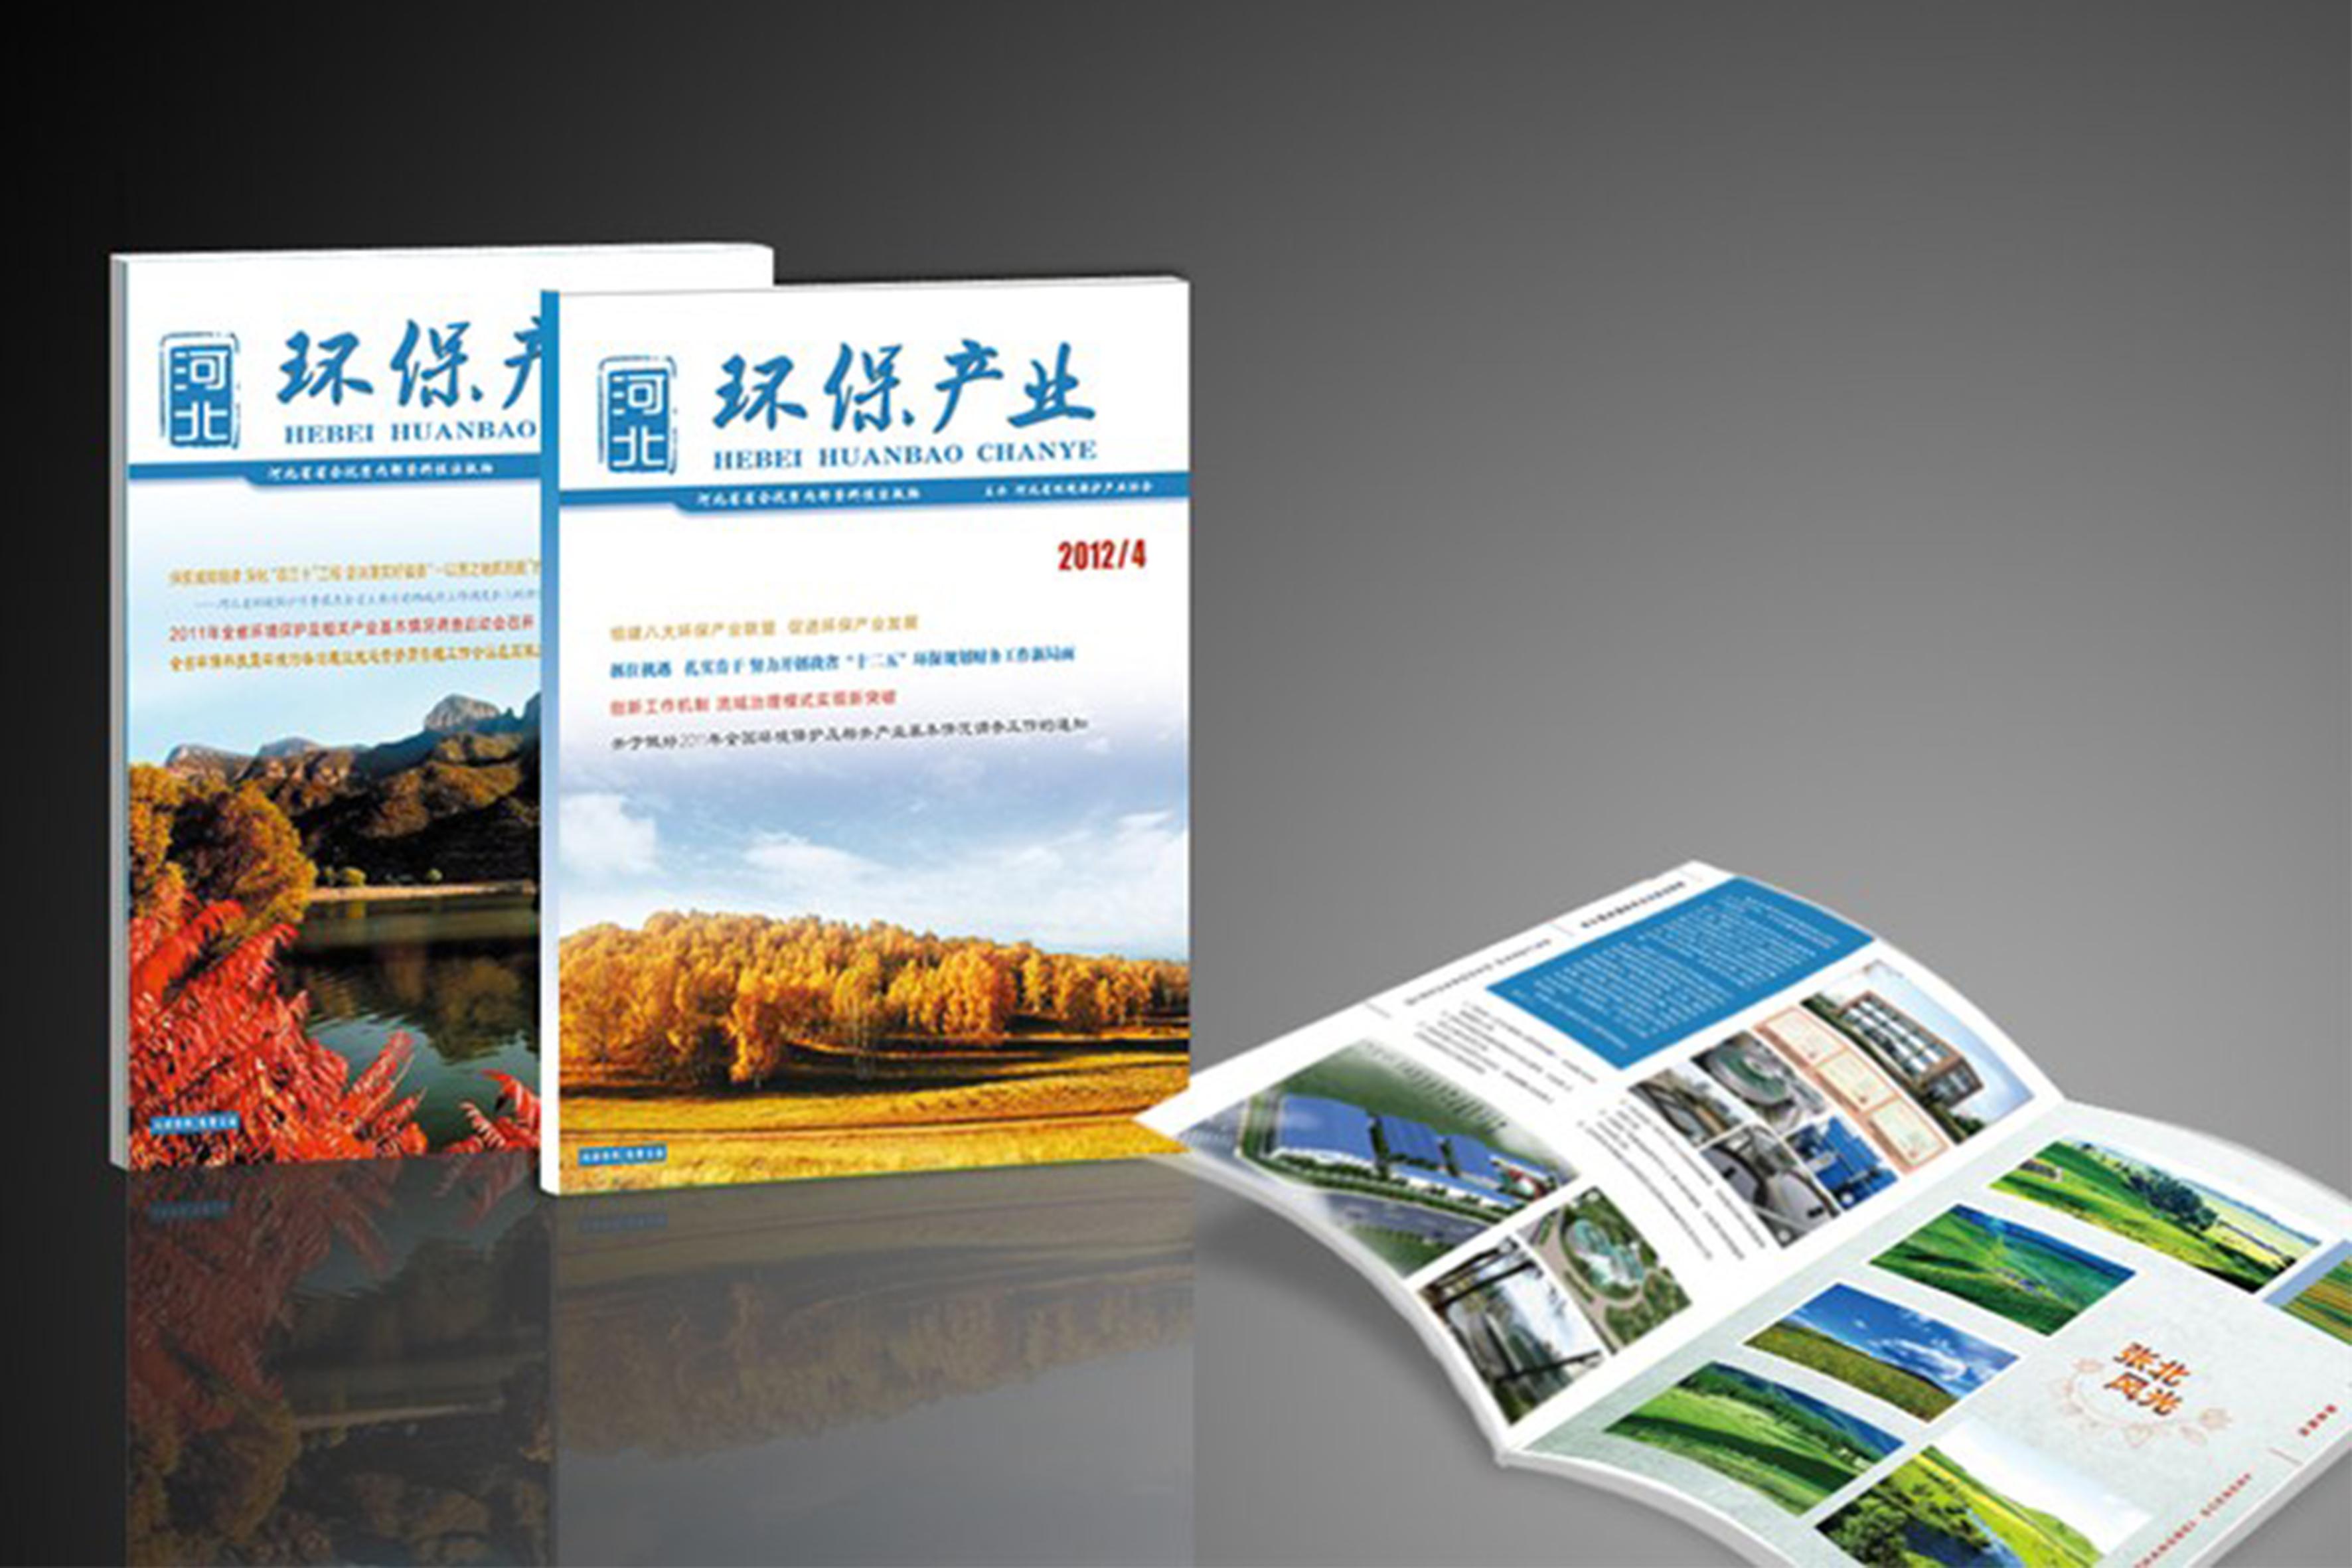 书籍封面设计_印象视觉工作室案例展示_一品威客网